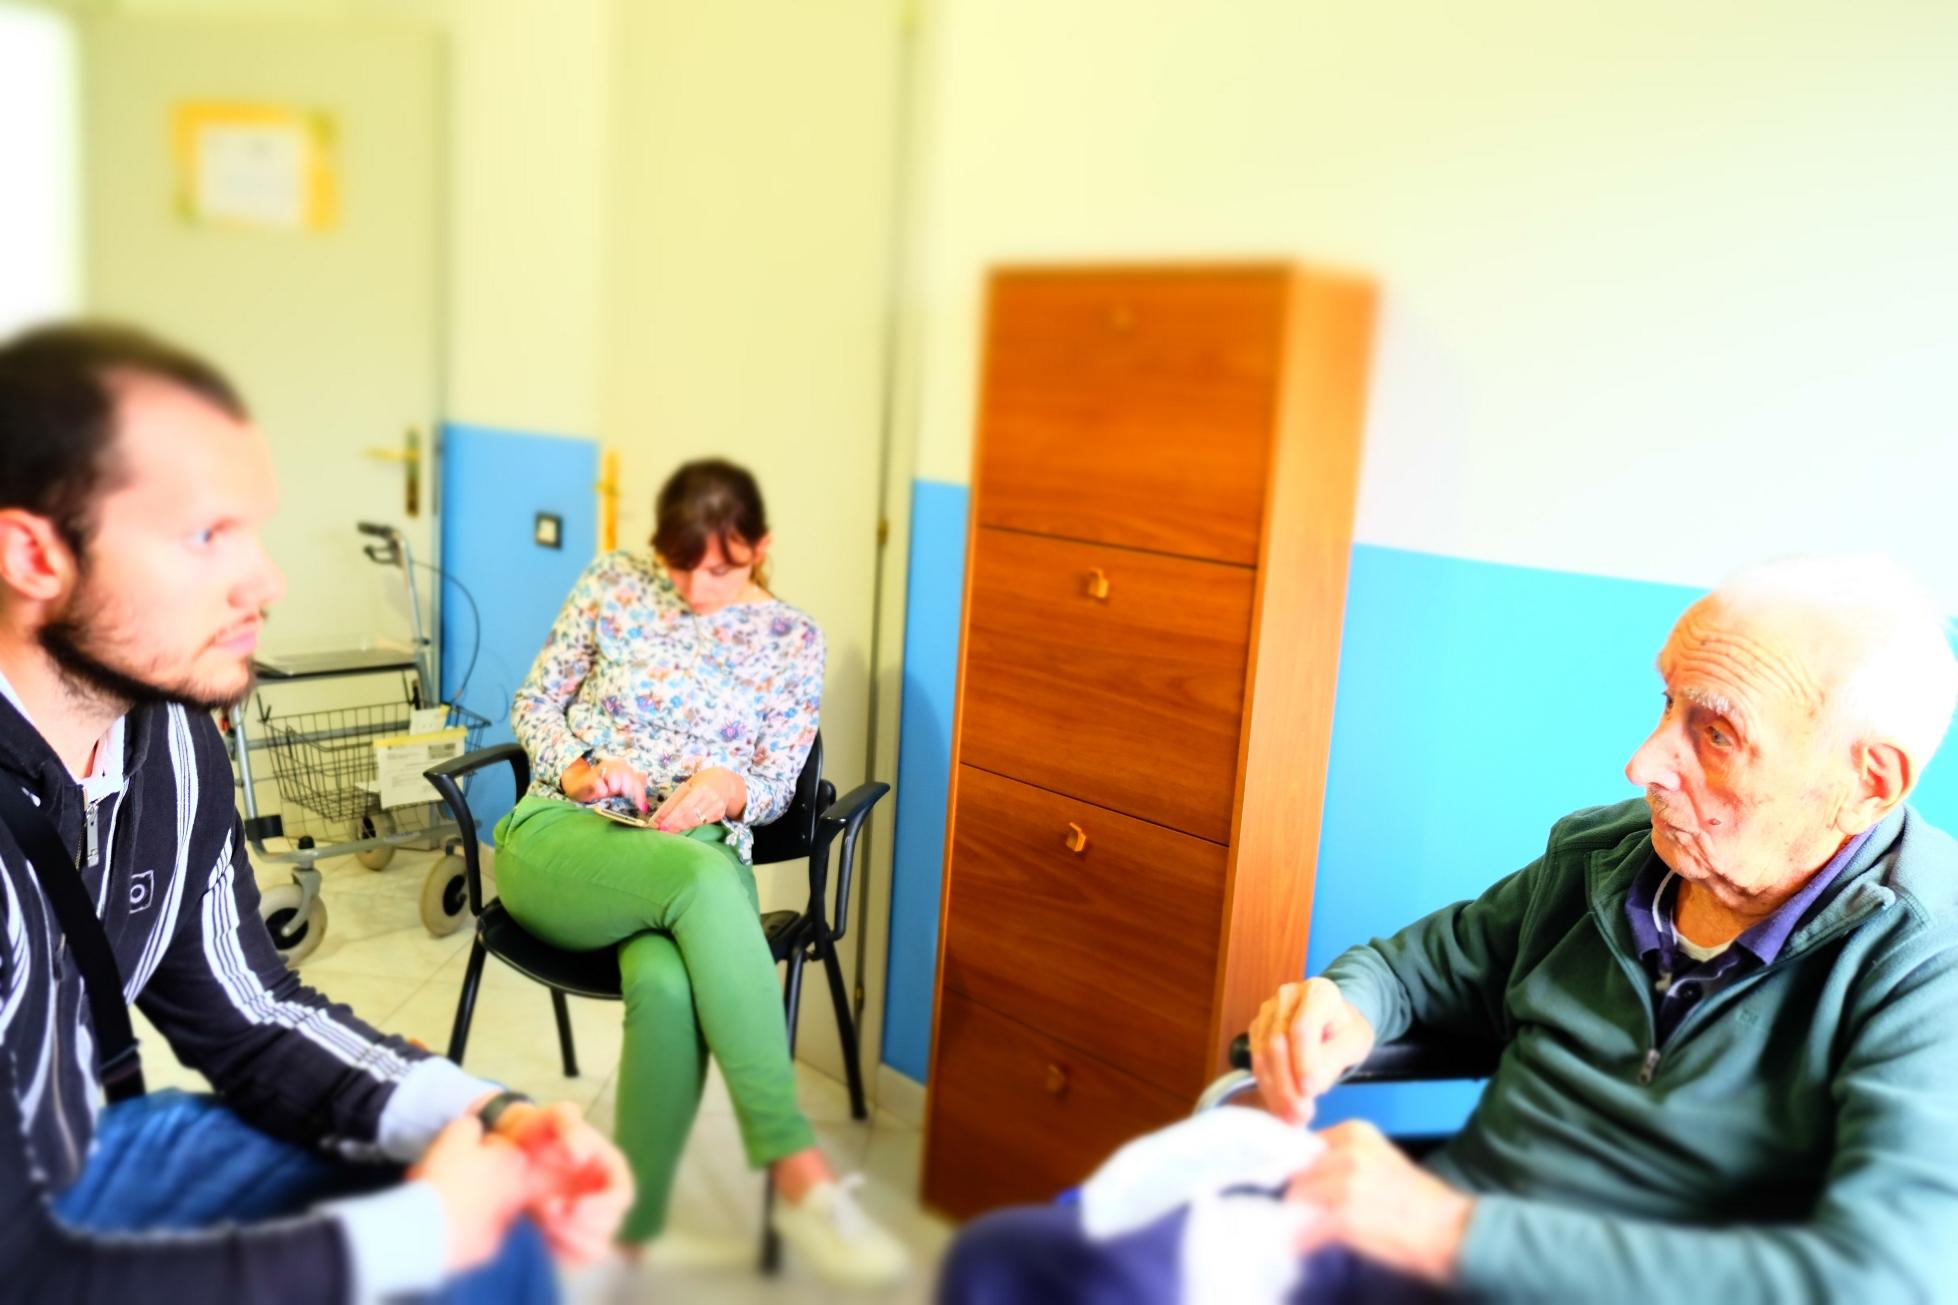 Un momento dell'intervista a Tolmino, inserita nel film-documentario Sentieri di democrazia